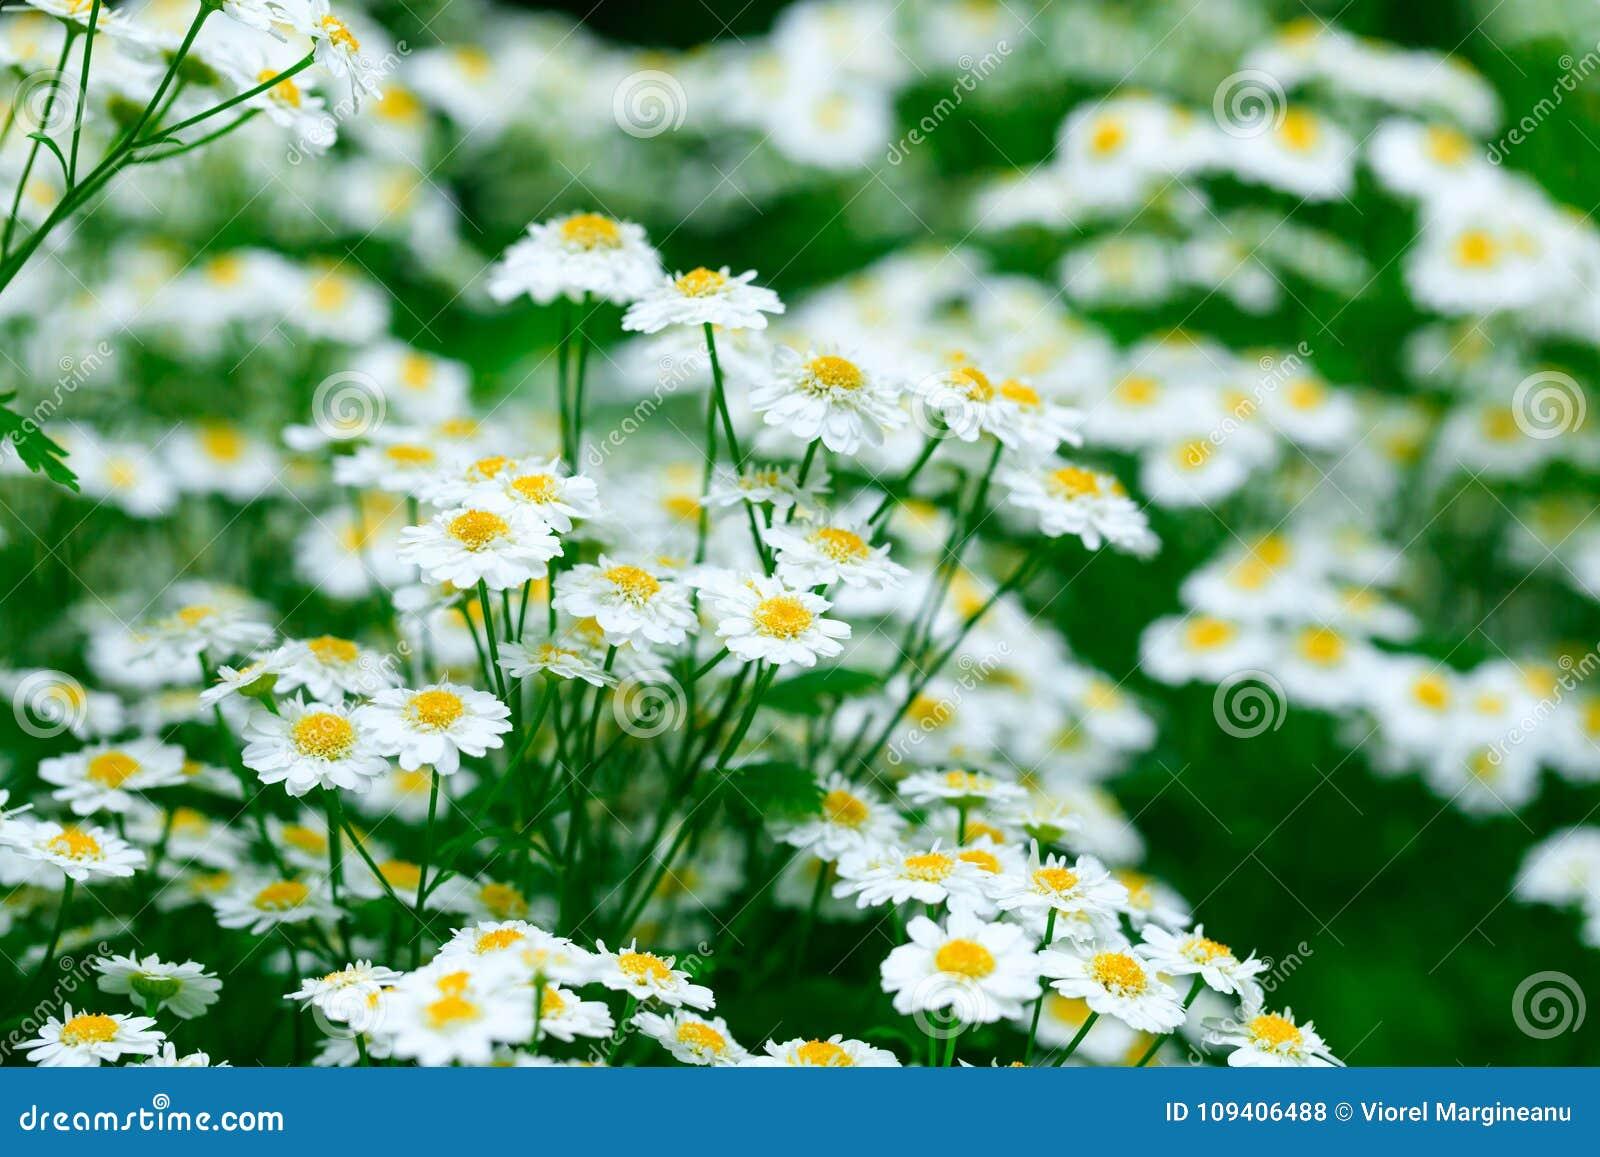 Fondo de la flor de la manzanilla Flores frescas de manzanillas en